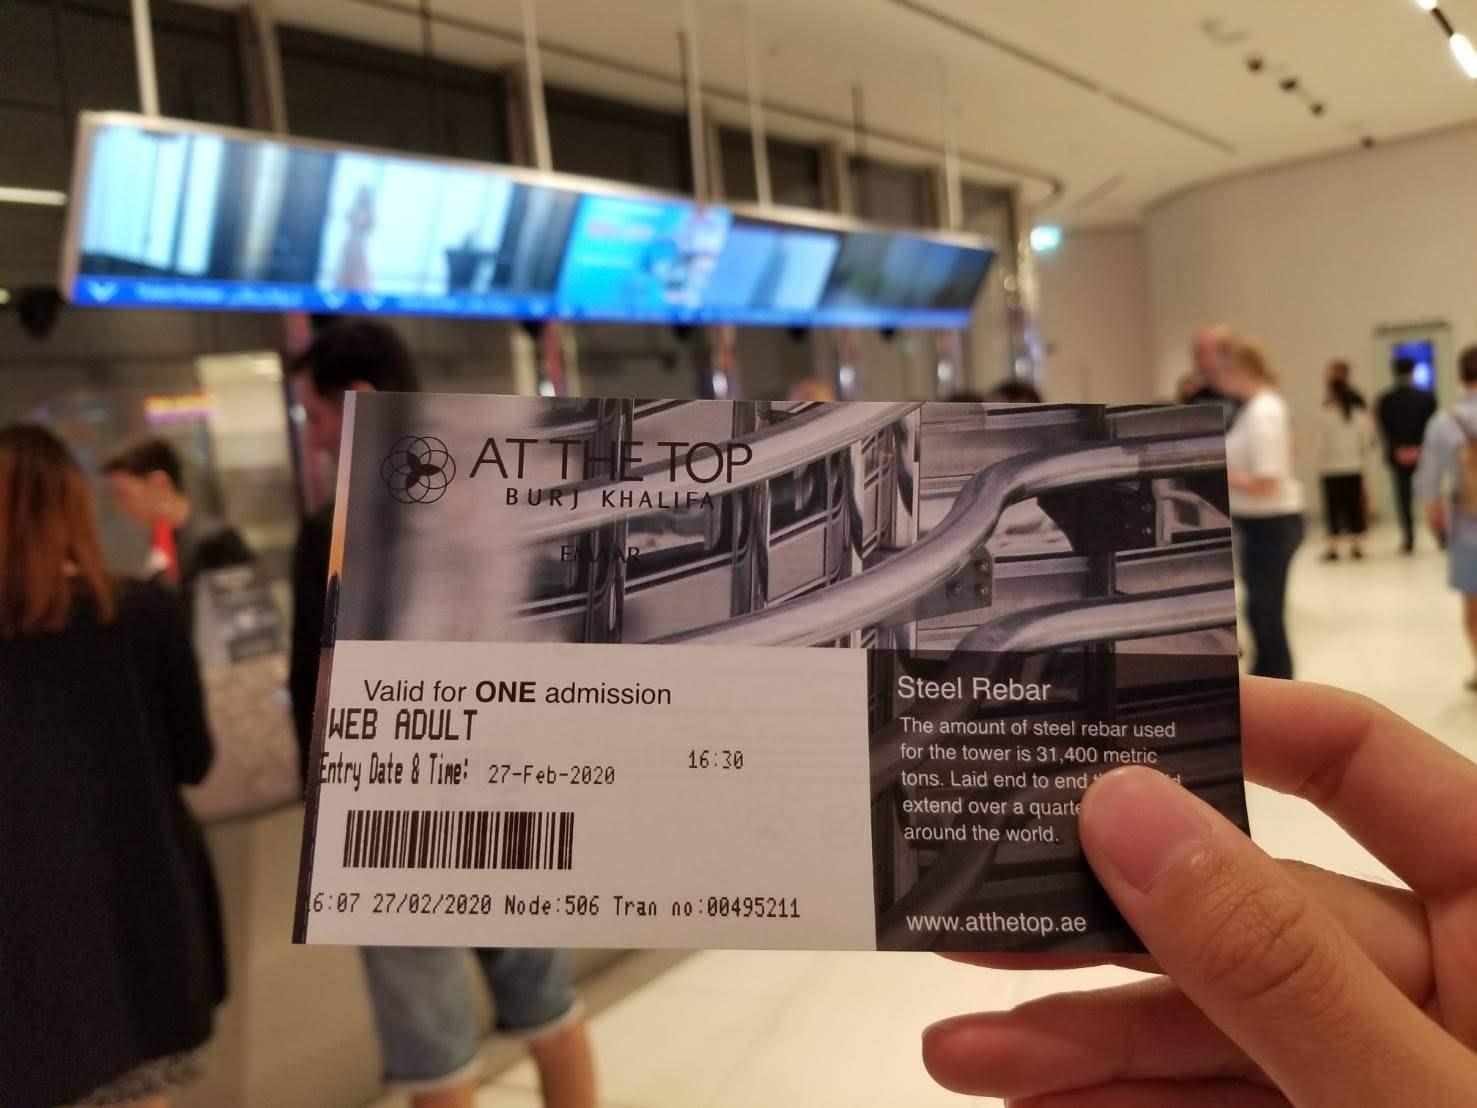 ブルジュハリファの入場チケット